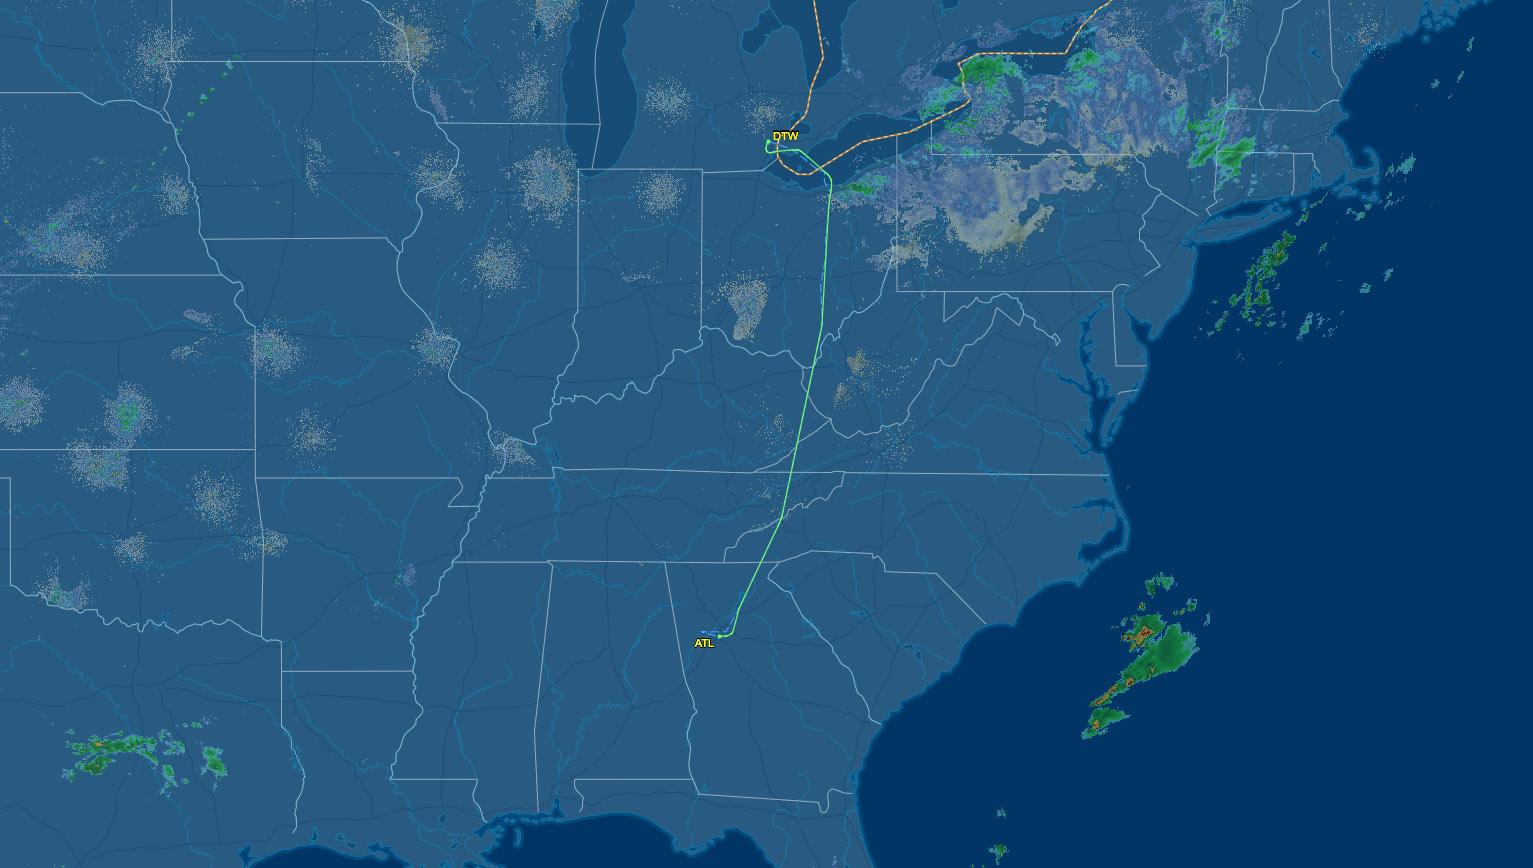 Detroit to Atlanta air route